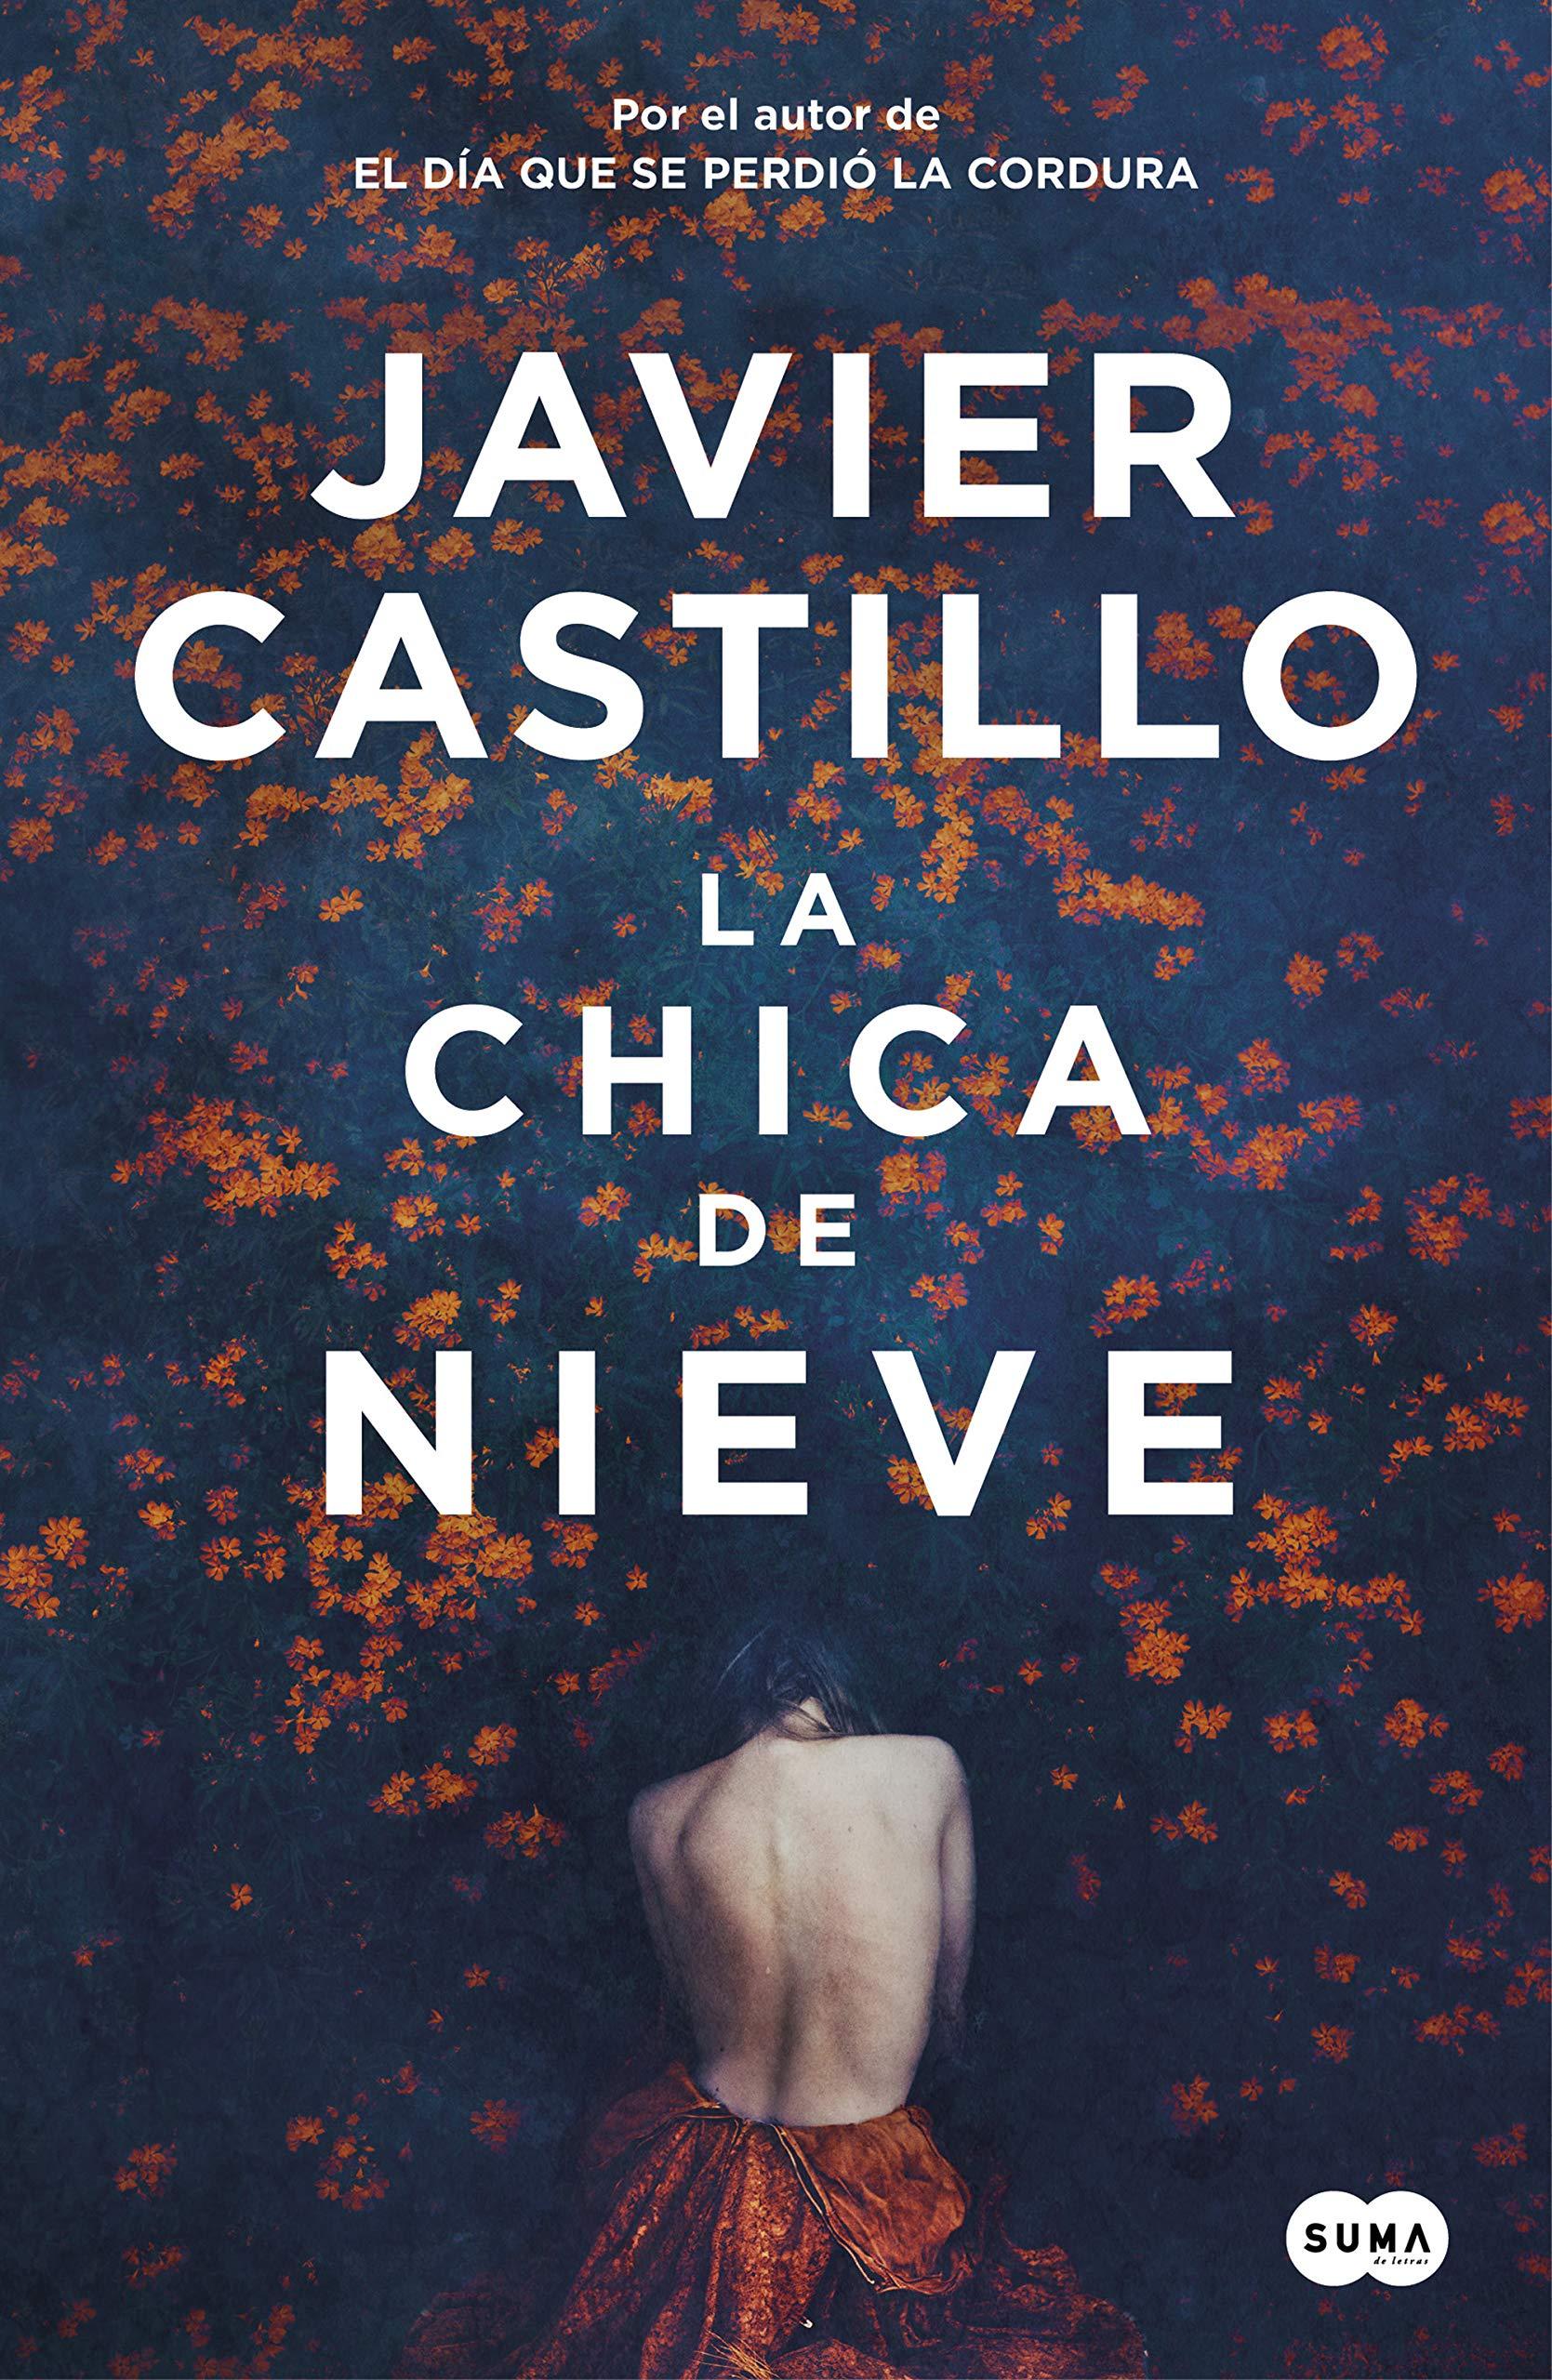 La chica de nieve: Amazon.es: Castillo, Javier: Libros